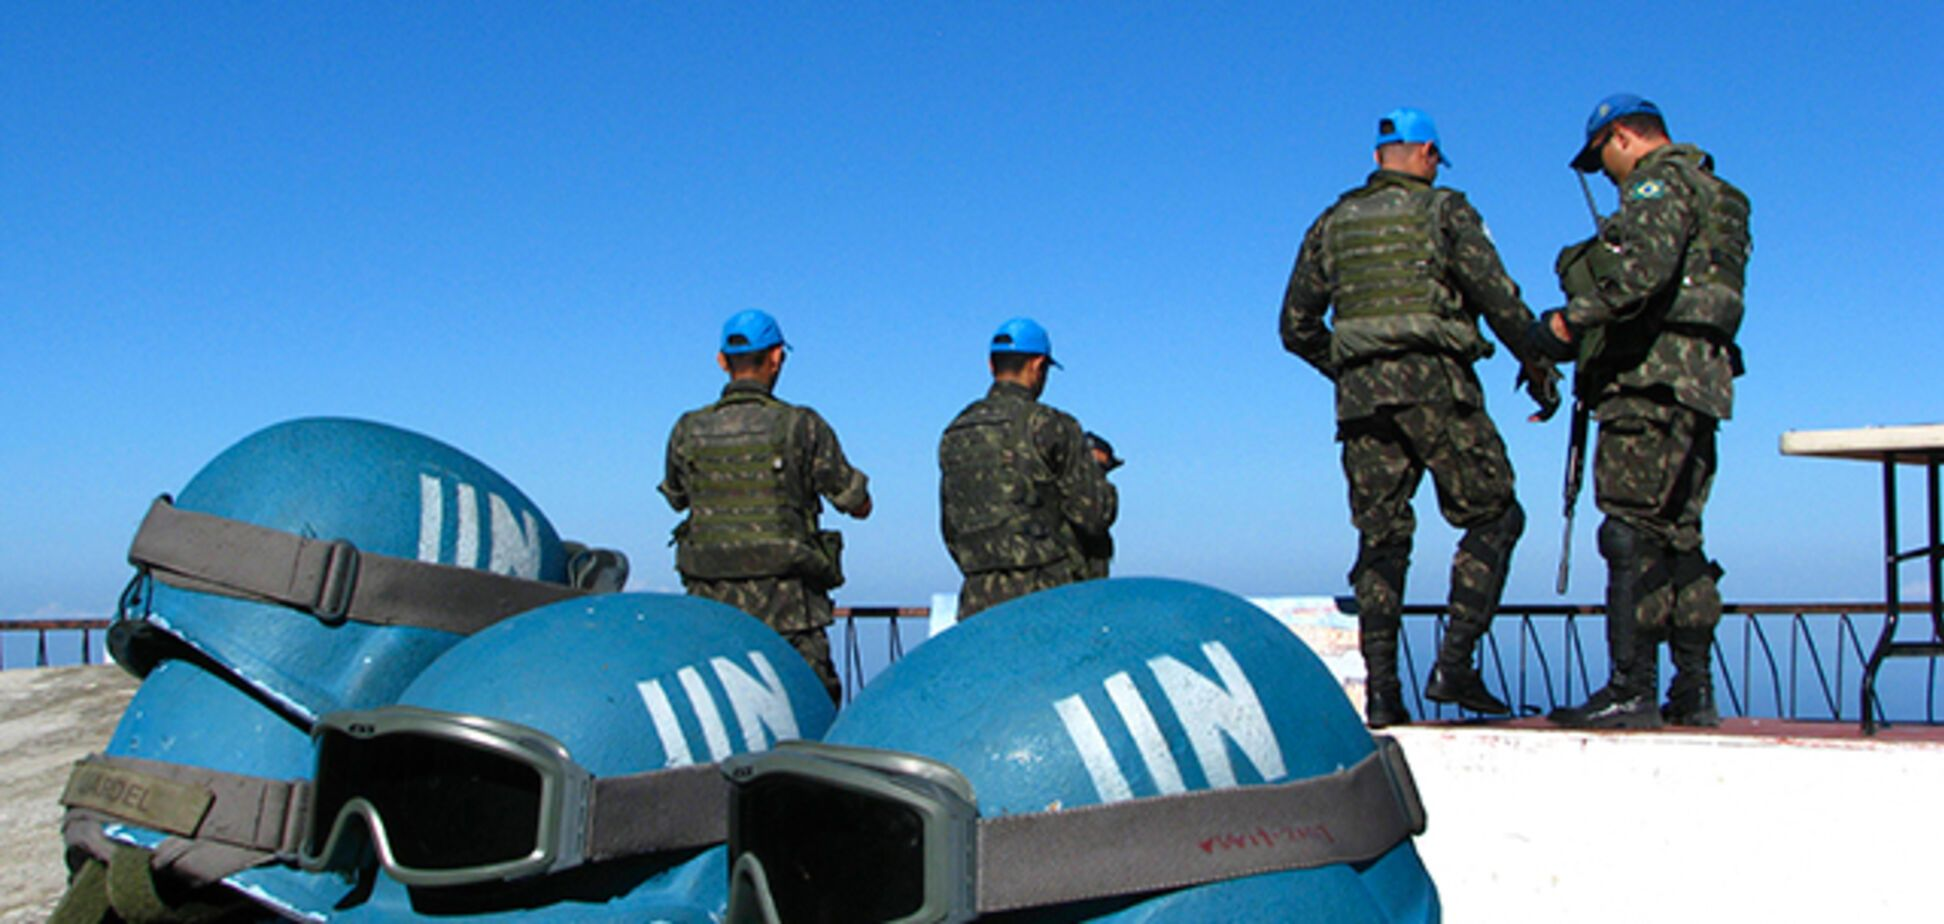 Миротворці ООН на Донбасі: пропозиція США розлютила Кремль і терористів